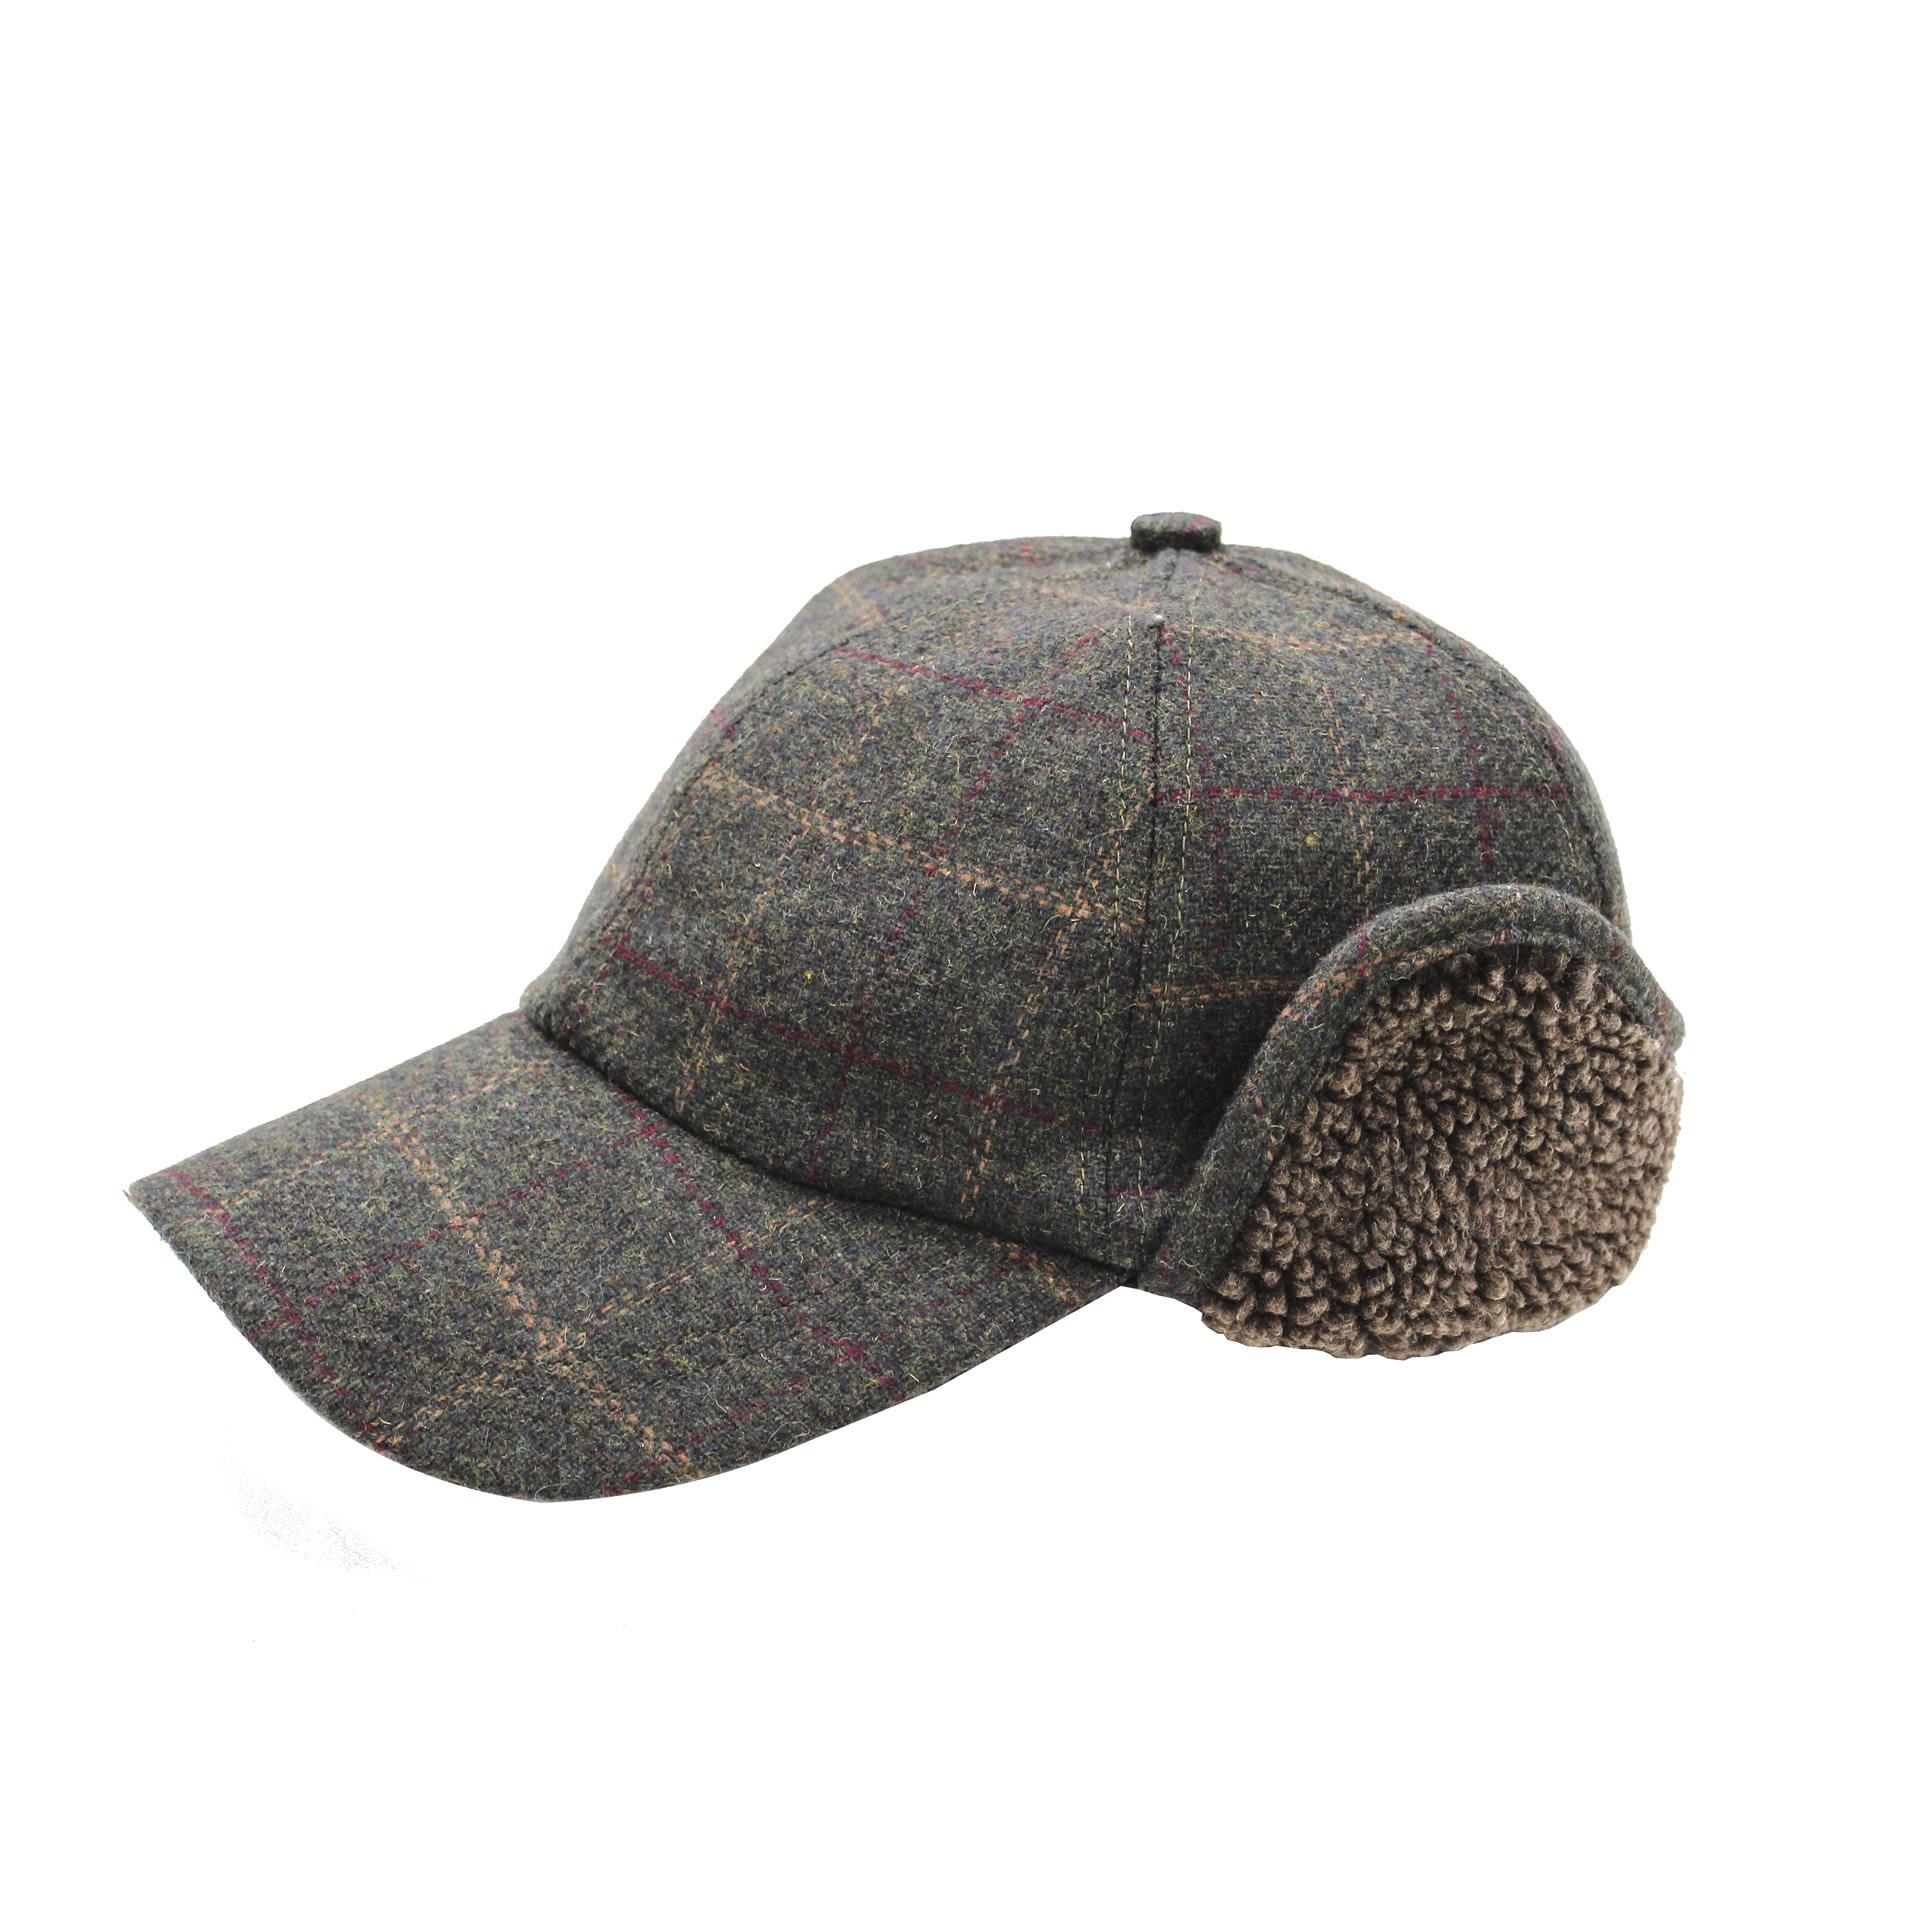 Hat: Heritage Grn Tweed